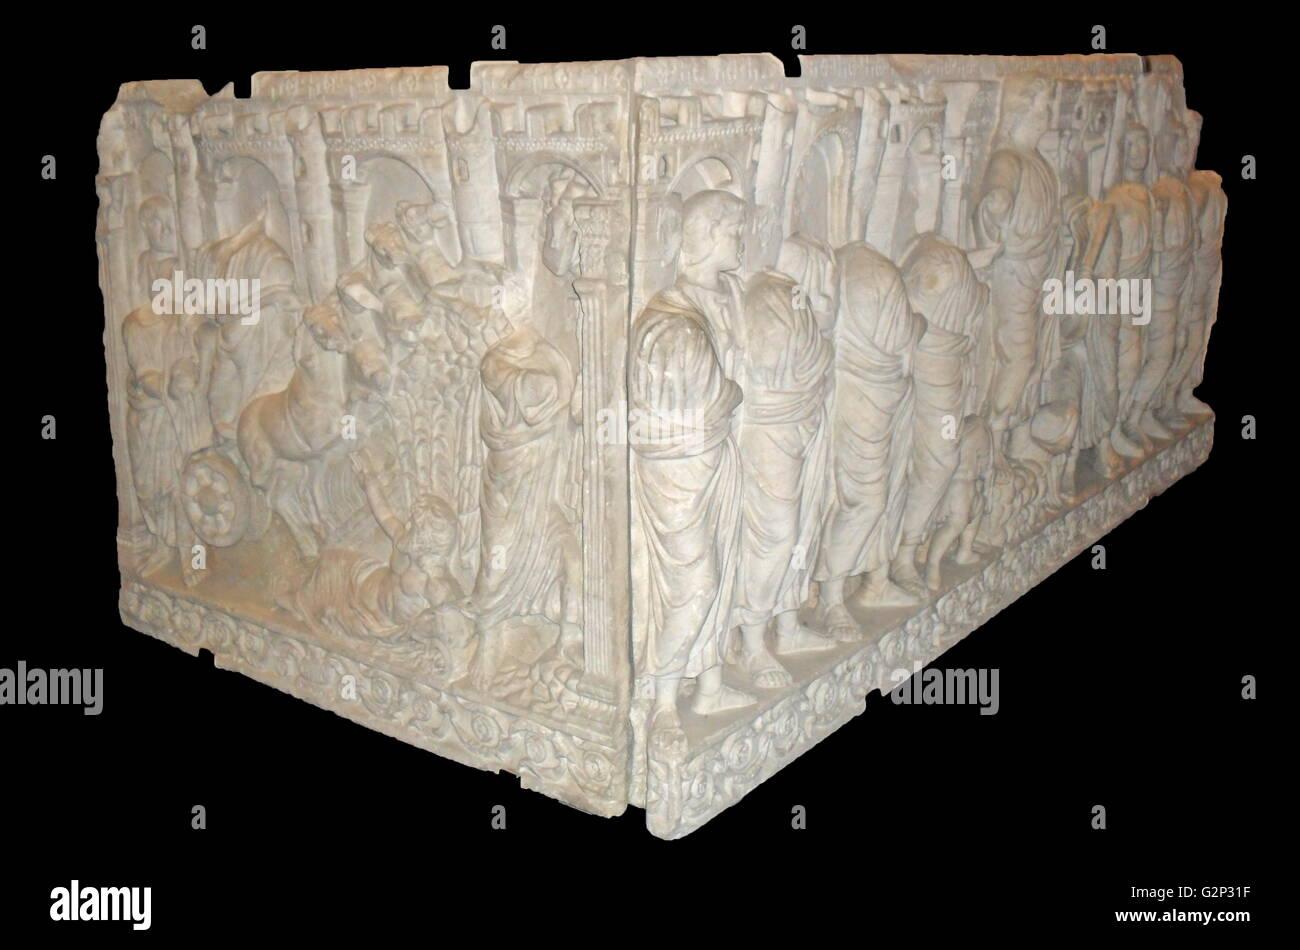 Roman Sarcophagus in Relief-Darstellungen des Christus abgedeckt. Stockbild